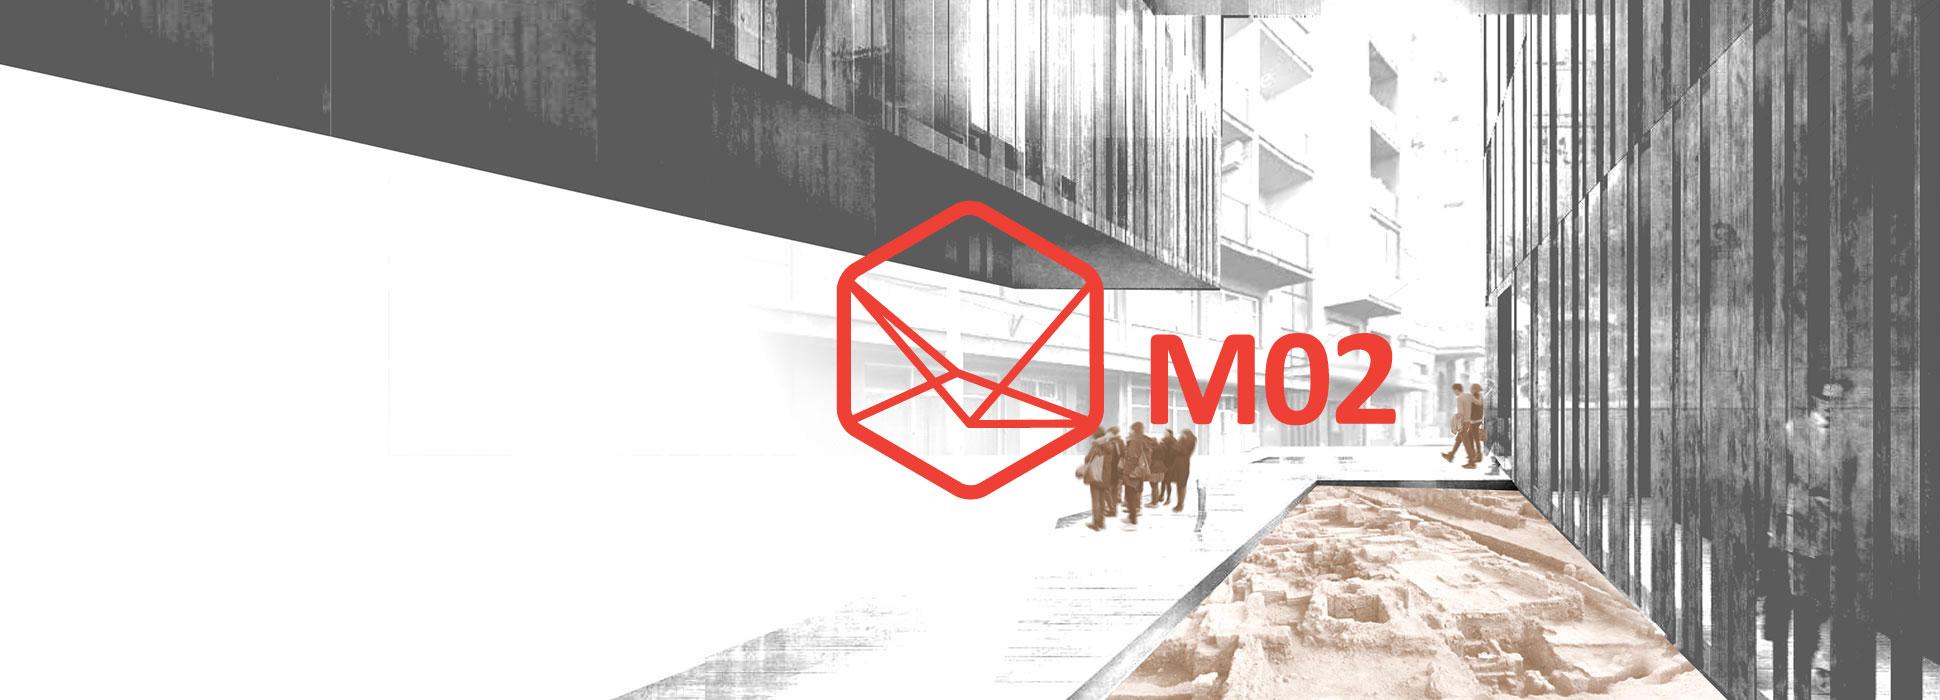 201617_Studio-M02-Projekat_cover_Darija-Raseta